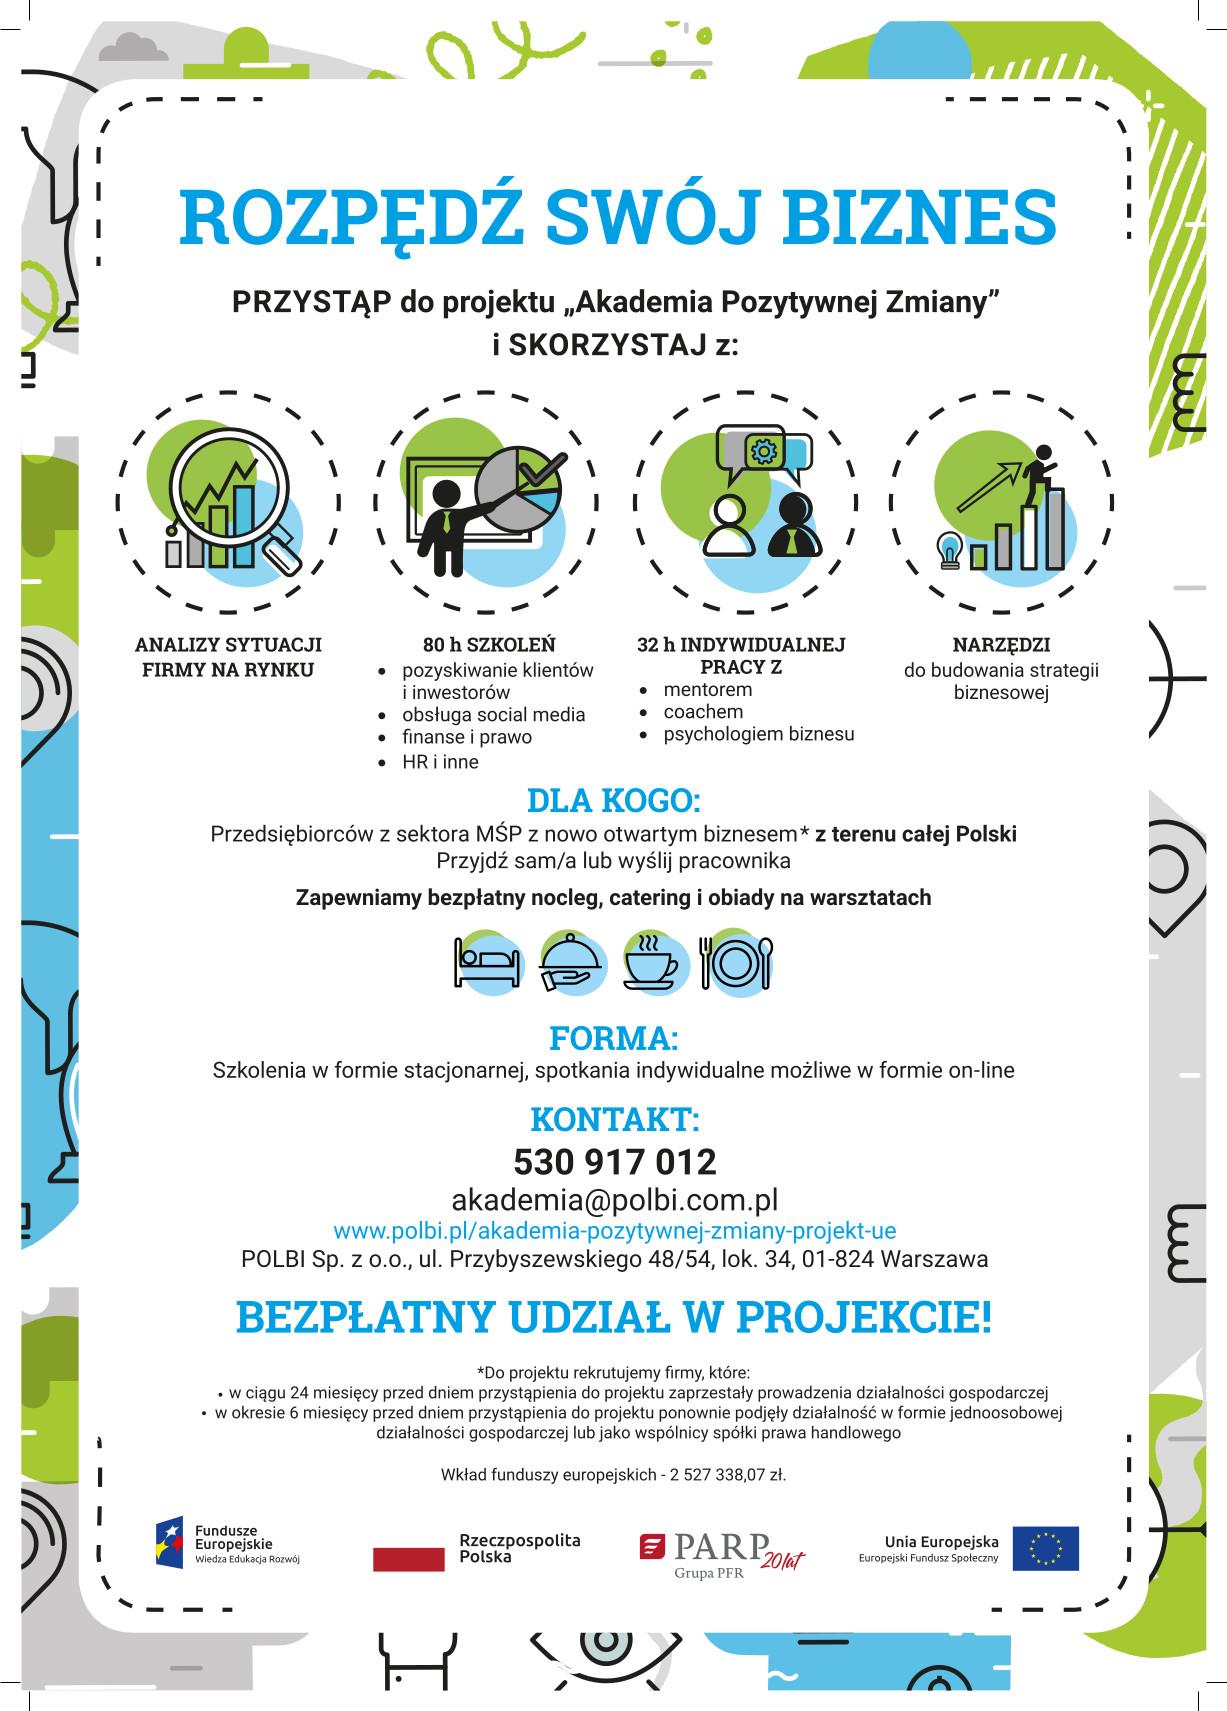 Plakat Akademii Pozytywnej Zmiany - darmowych szkoleń dla przedsiębiorców